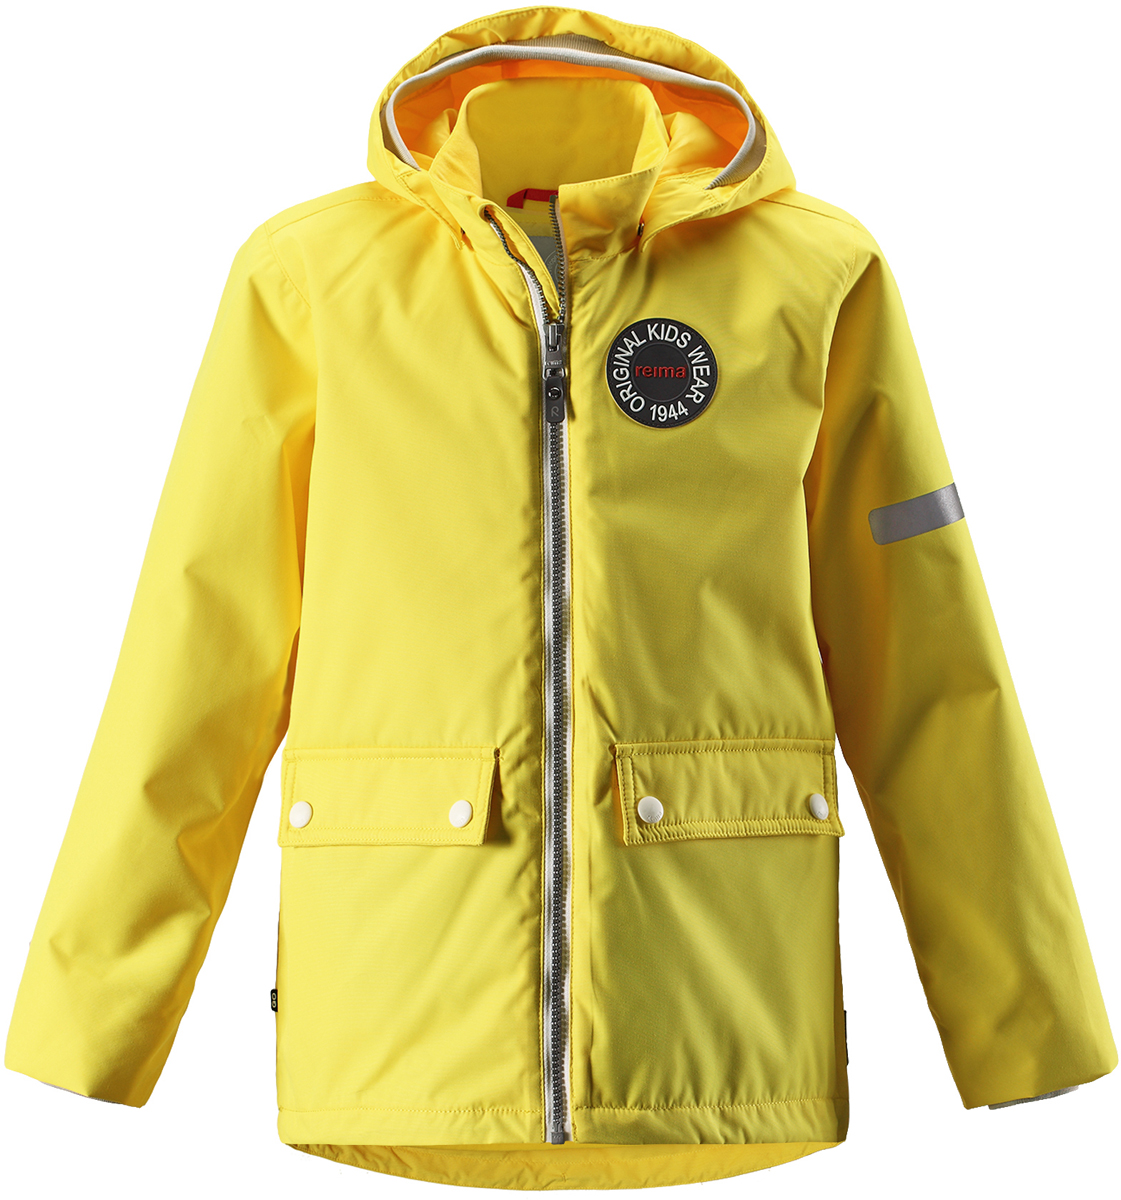 Куртка детская Reima, цвет: желтый. 5215282330. Размер 1105215282330Детская куртка Reima выполнена из полиэстера с полиуретановым покрытием. Модель с воротником стойкой и съемным капюшоном застегивается на застежку-молнию. Капюшон пристегивается с помощью кнопок. Спереди расположены прорезные карманы с клапанами на кнопках. Низ рукавов дополнен трикотажными манжетами. Куртка оснащена съемной утепленной жилеткой. Изделие имеет светоотражающие элементы.